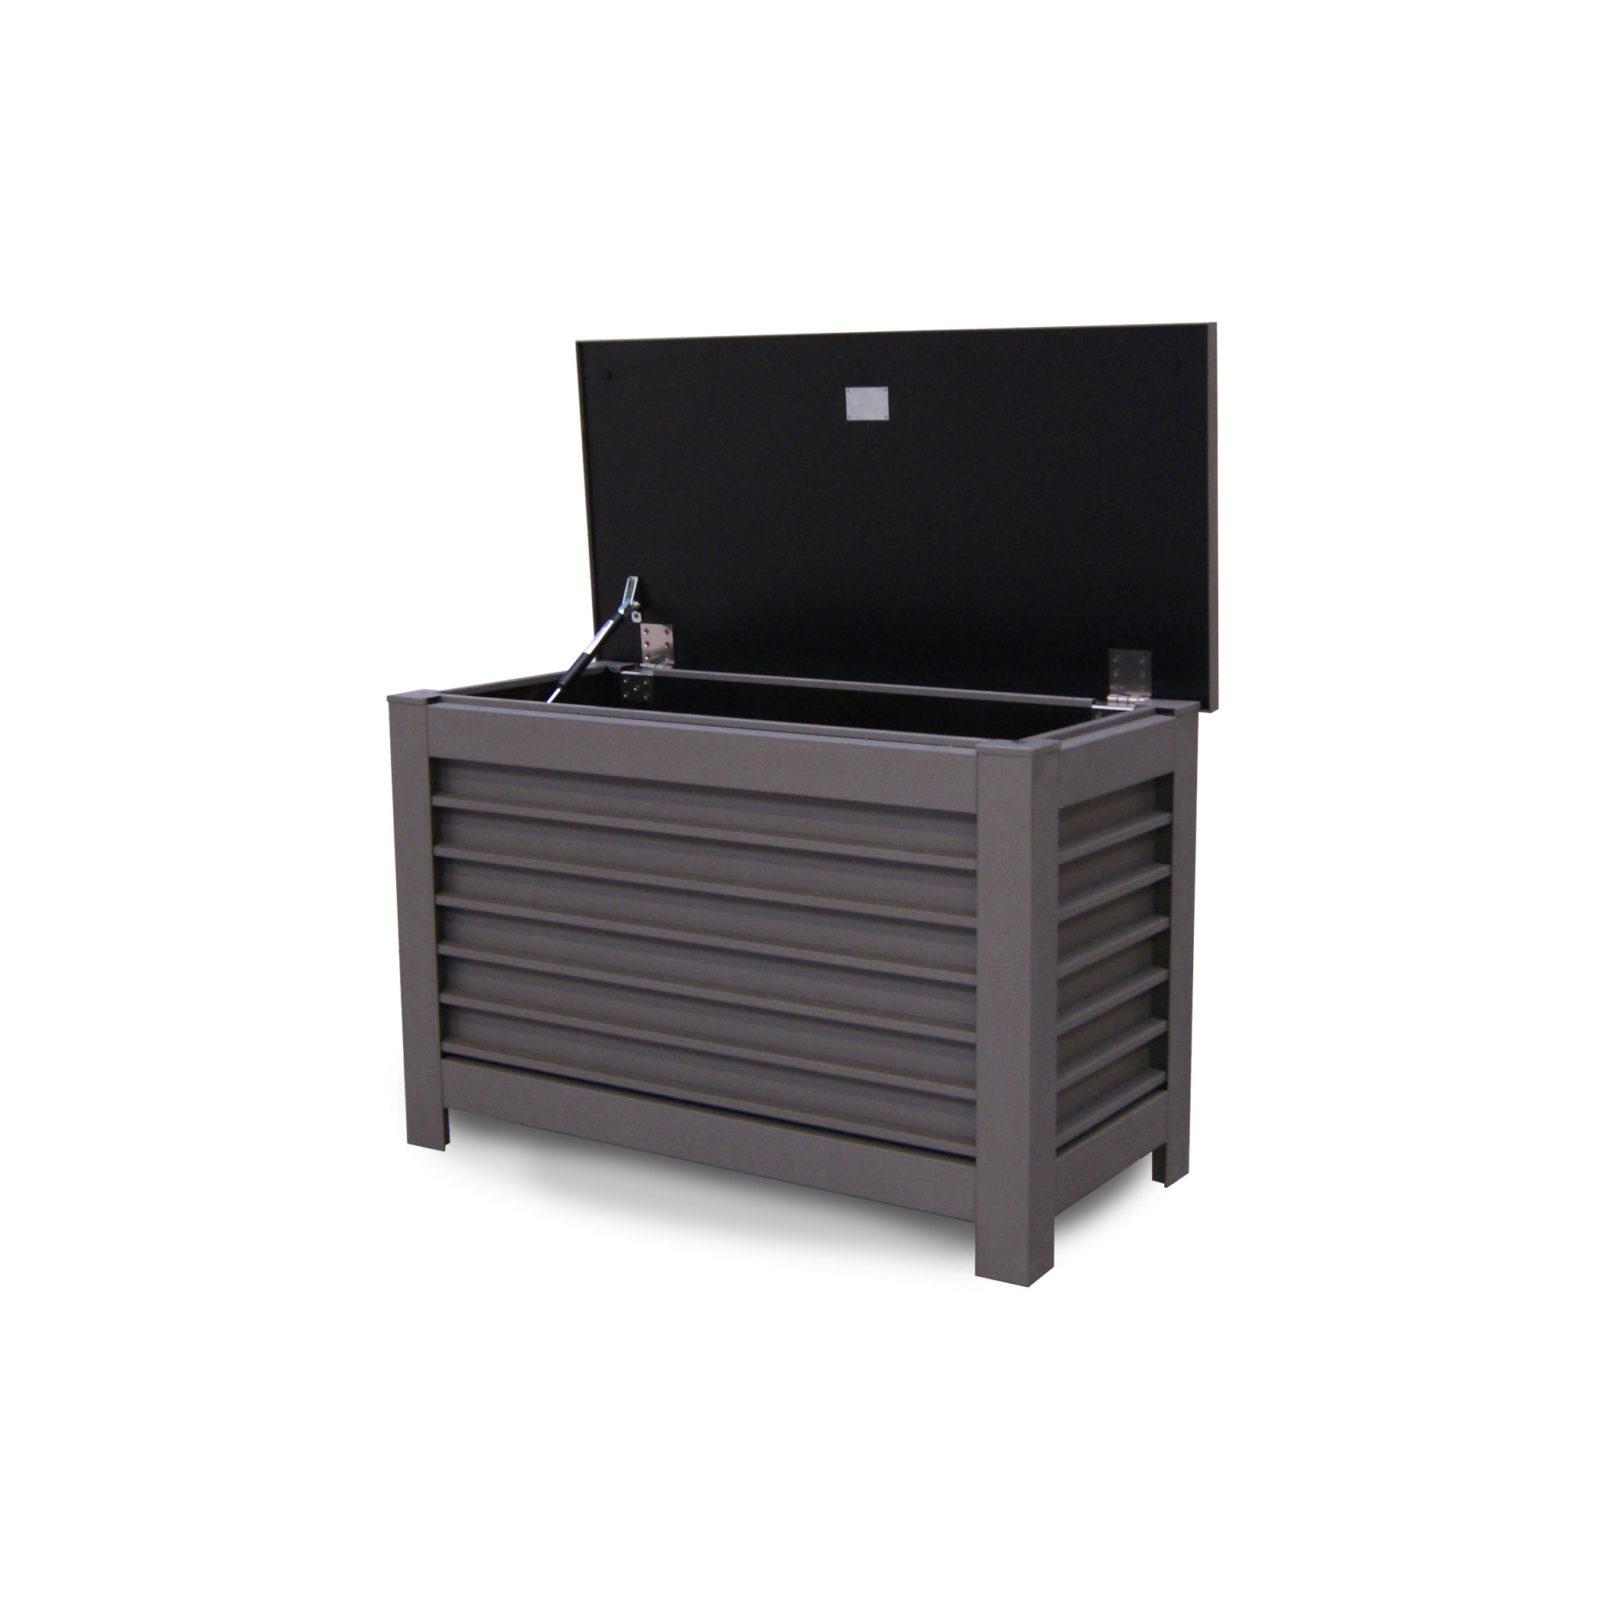 Stilig Liten putekasse grå sink - lekker kvalitet og håndverk | Lapatio LV-61